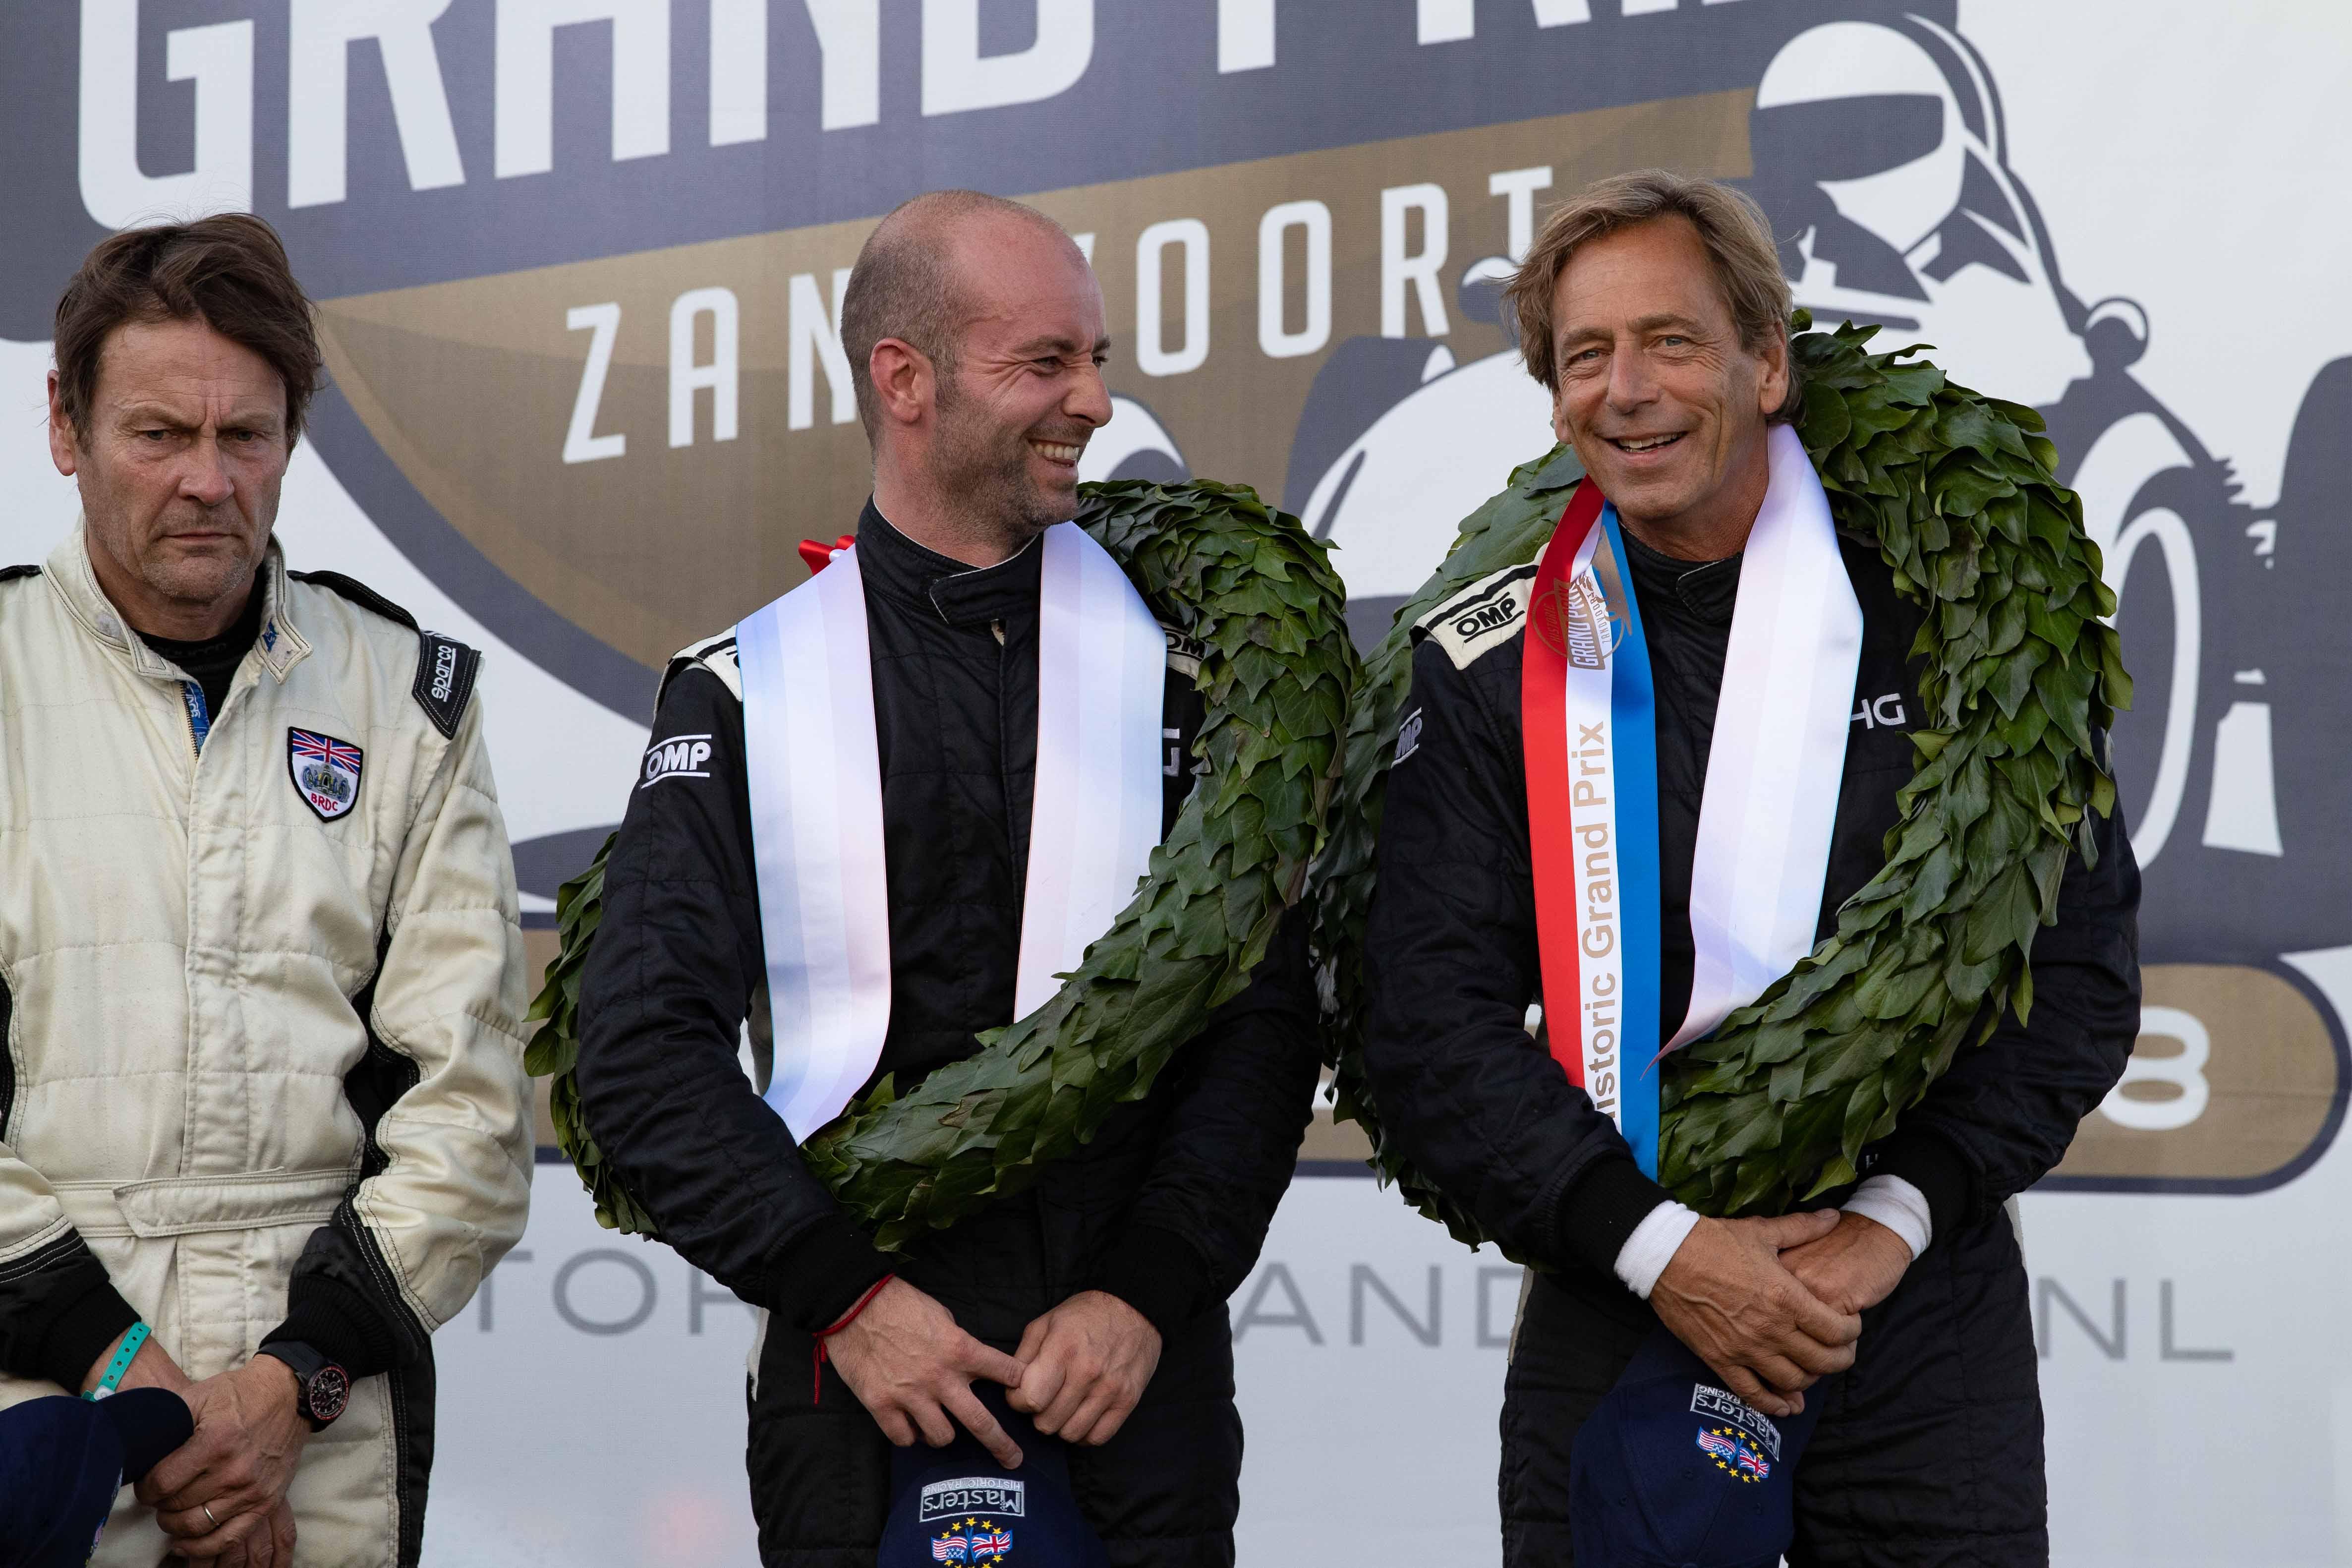 historische grand prix zandvoort 2018 dhg david hart